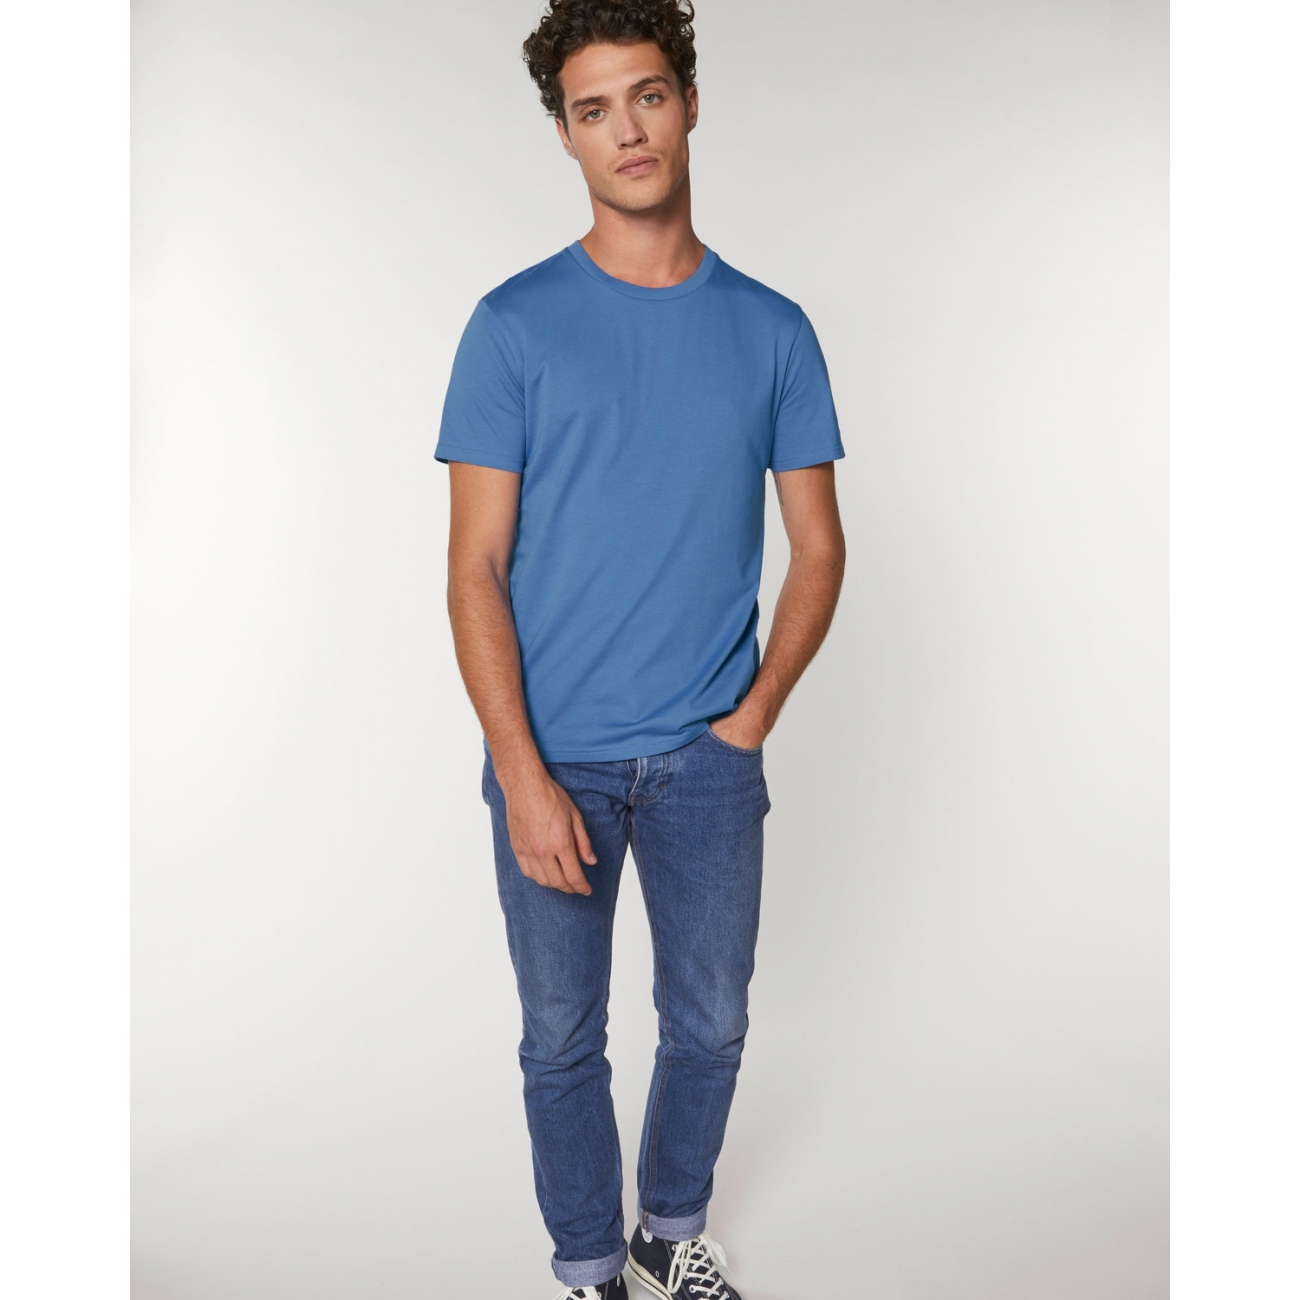 https://tee-shirt-bio.com/10247-thickbox_default/tee-shirt-homme-coton-bio-col-rond-coupe-classique-couleur-bleu.jpg